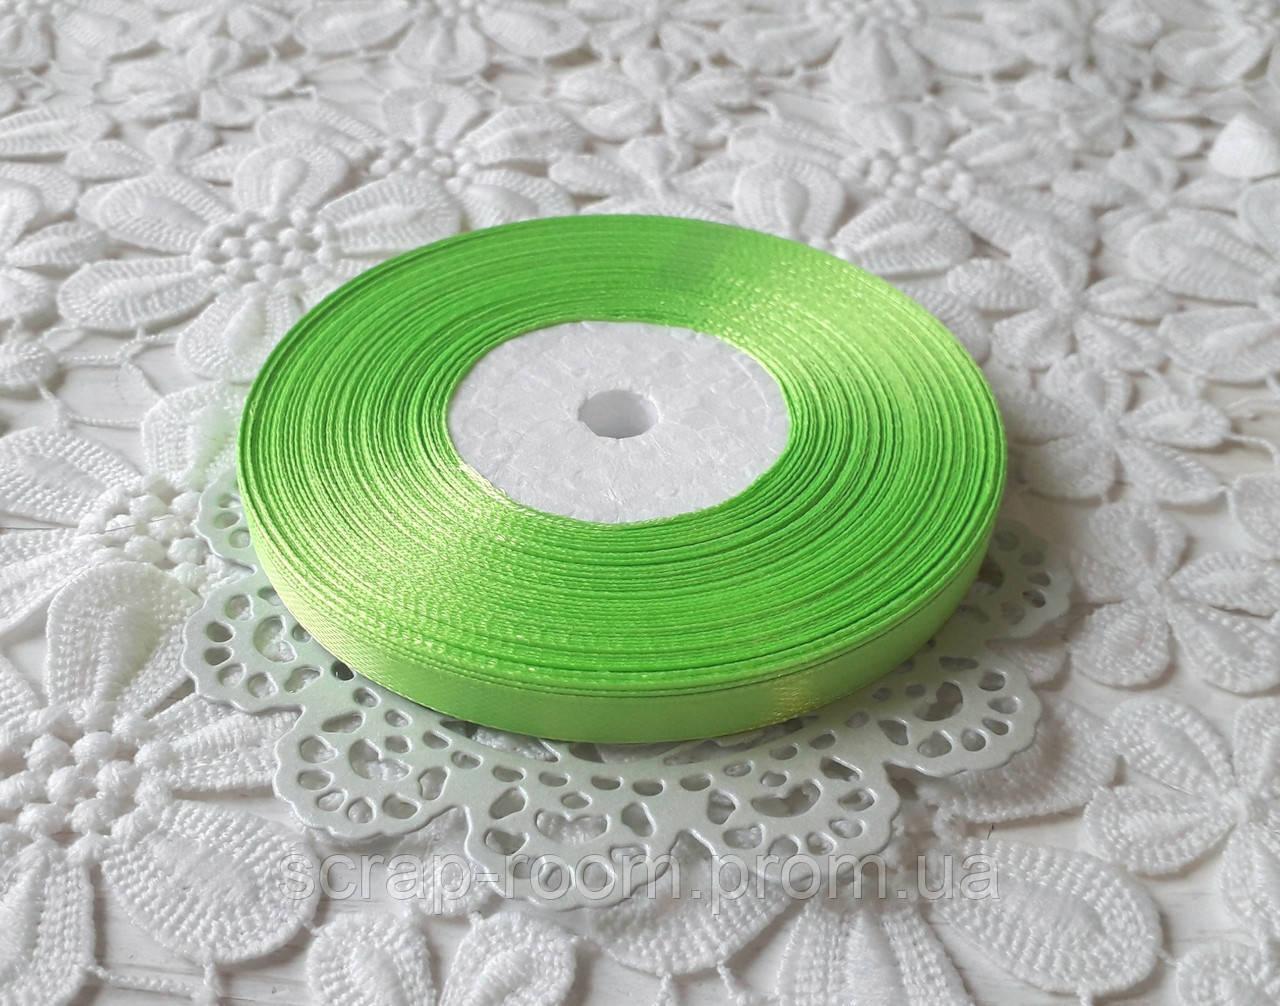 Лента атласная 0,6 см салатовая, лента салатовая атлас, лента атласная цвет салатовый, цена за метр